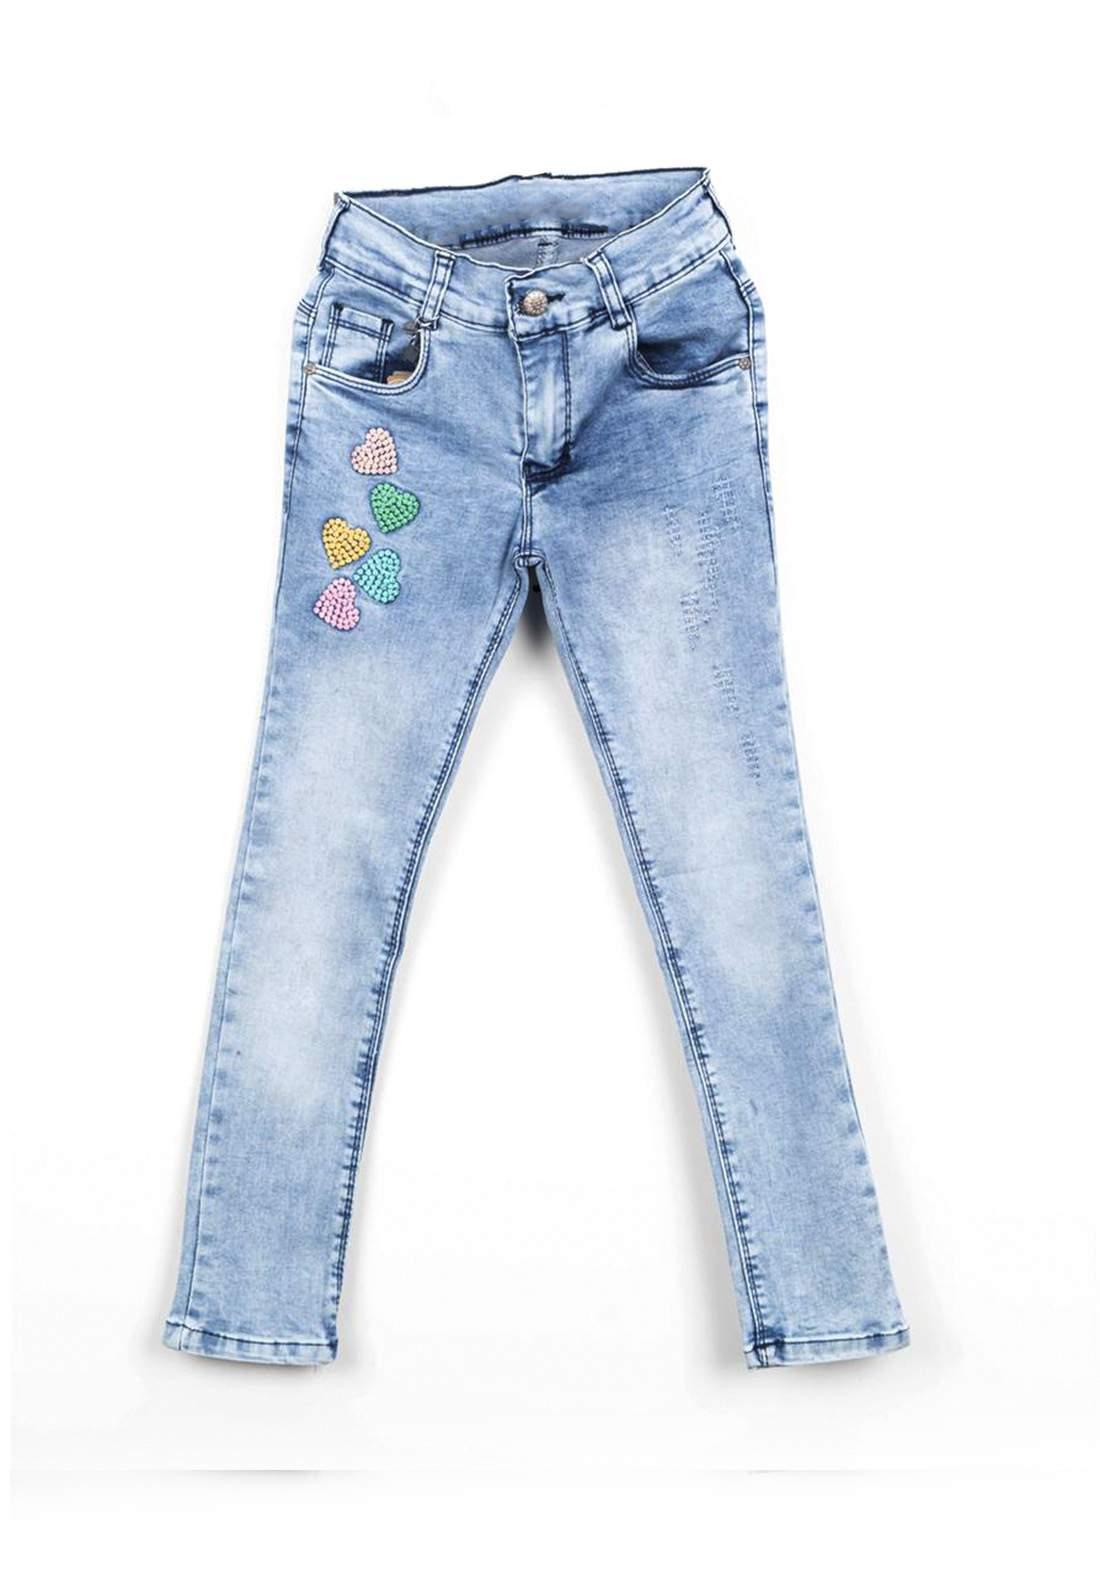 بنطلون بناتي جينز ازرق اللون